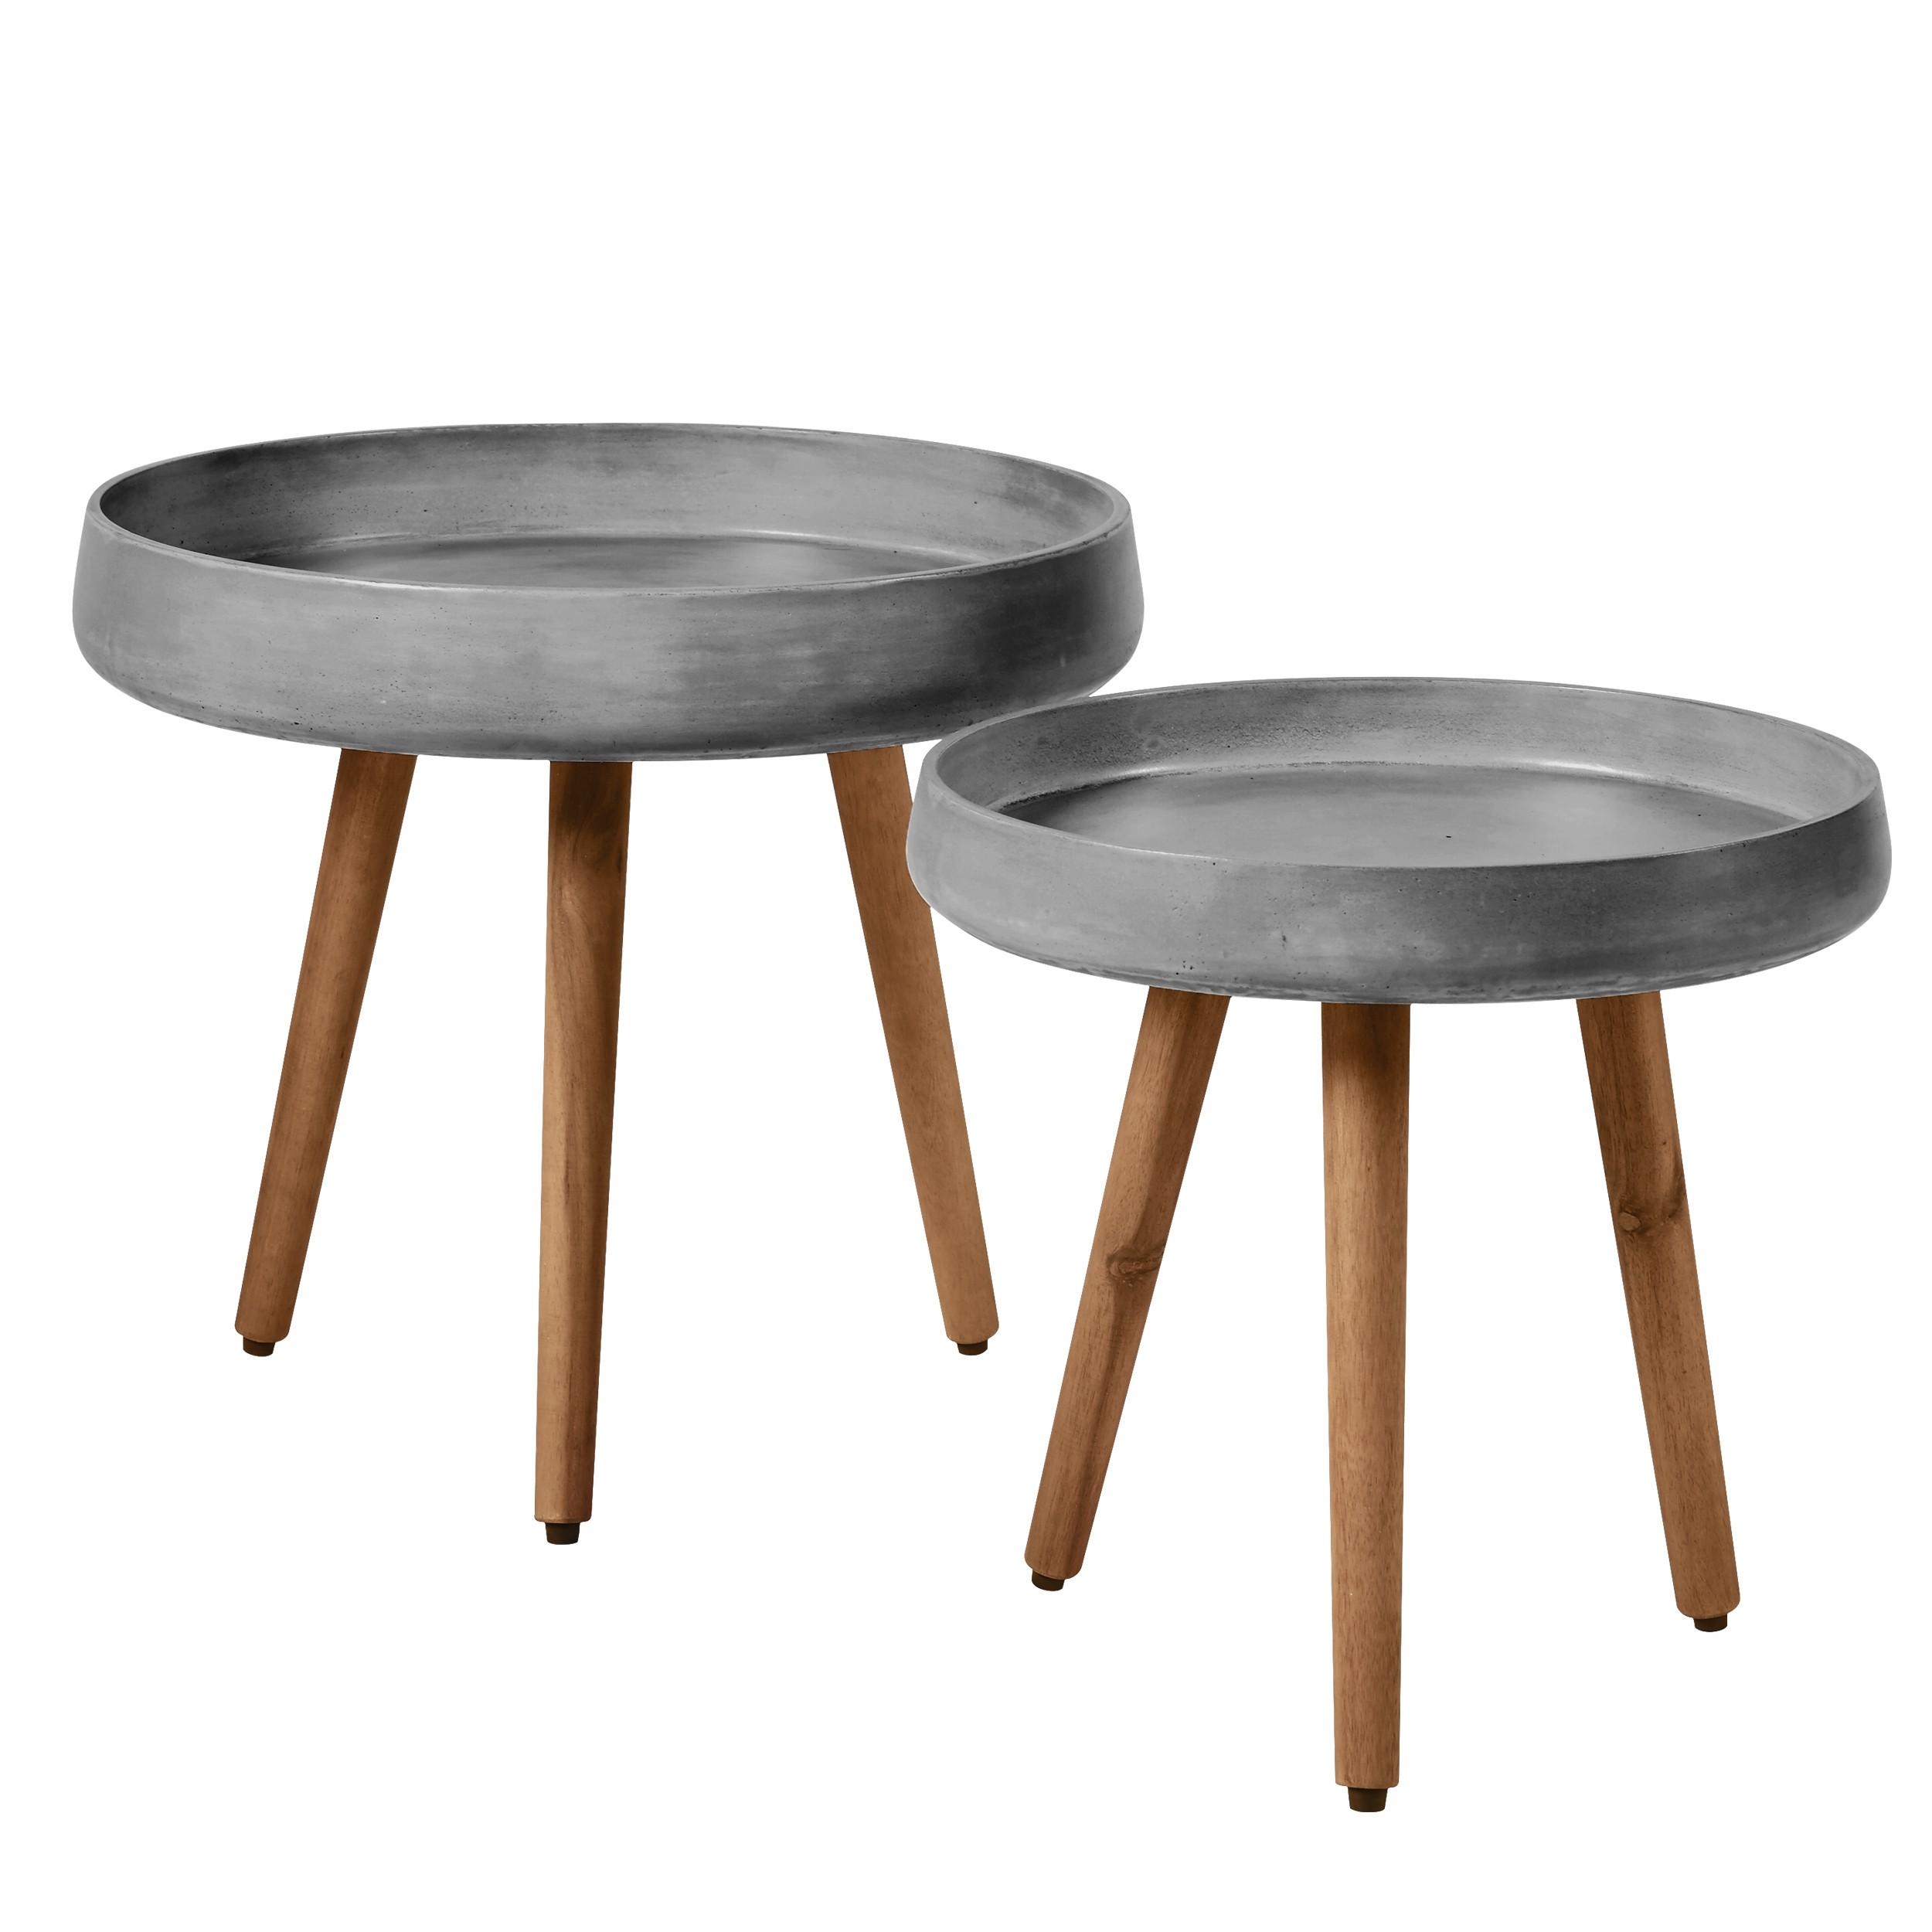 acheter table basse ronde lot de 2